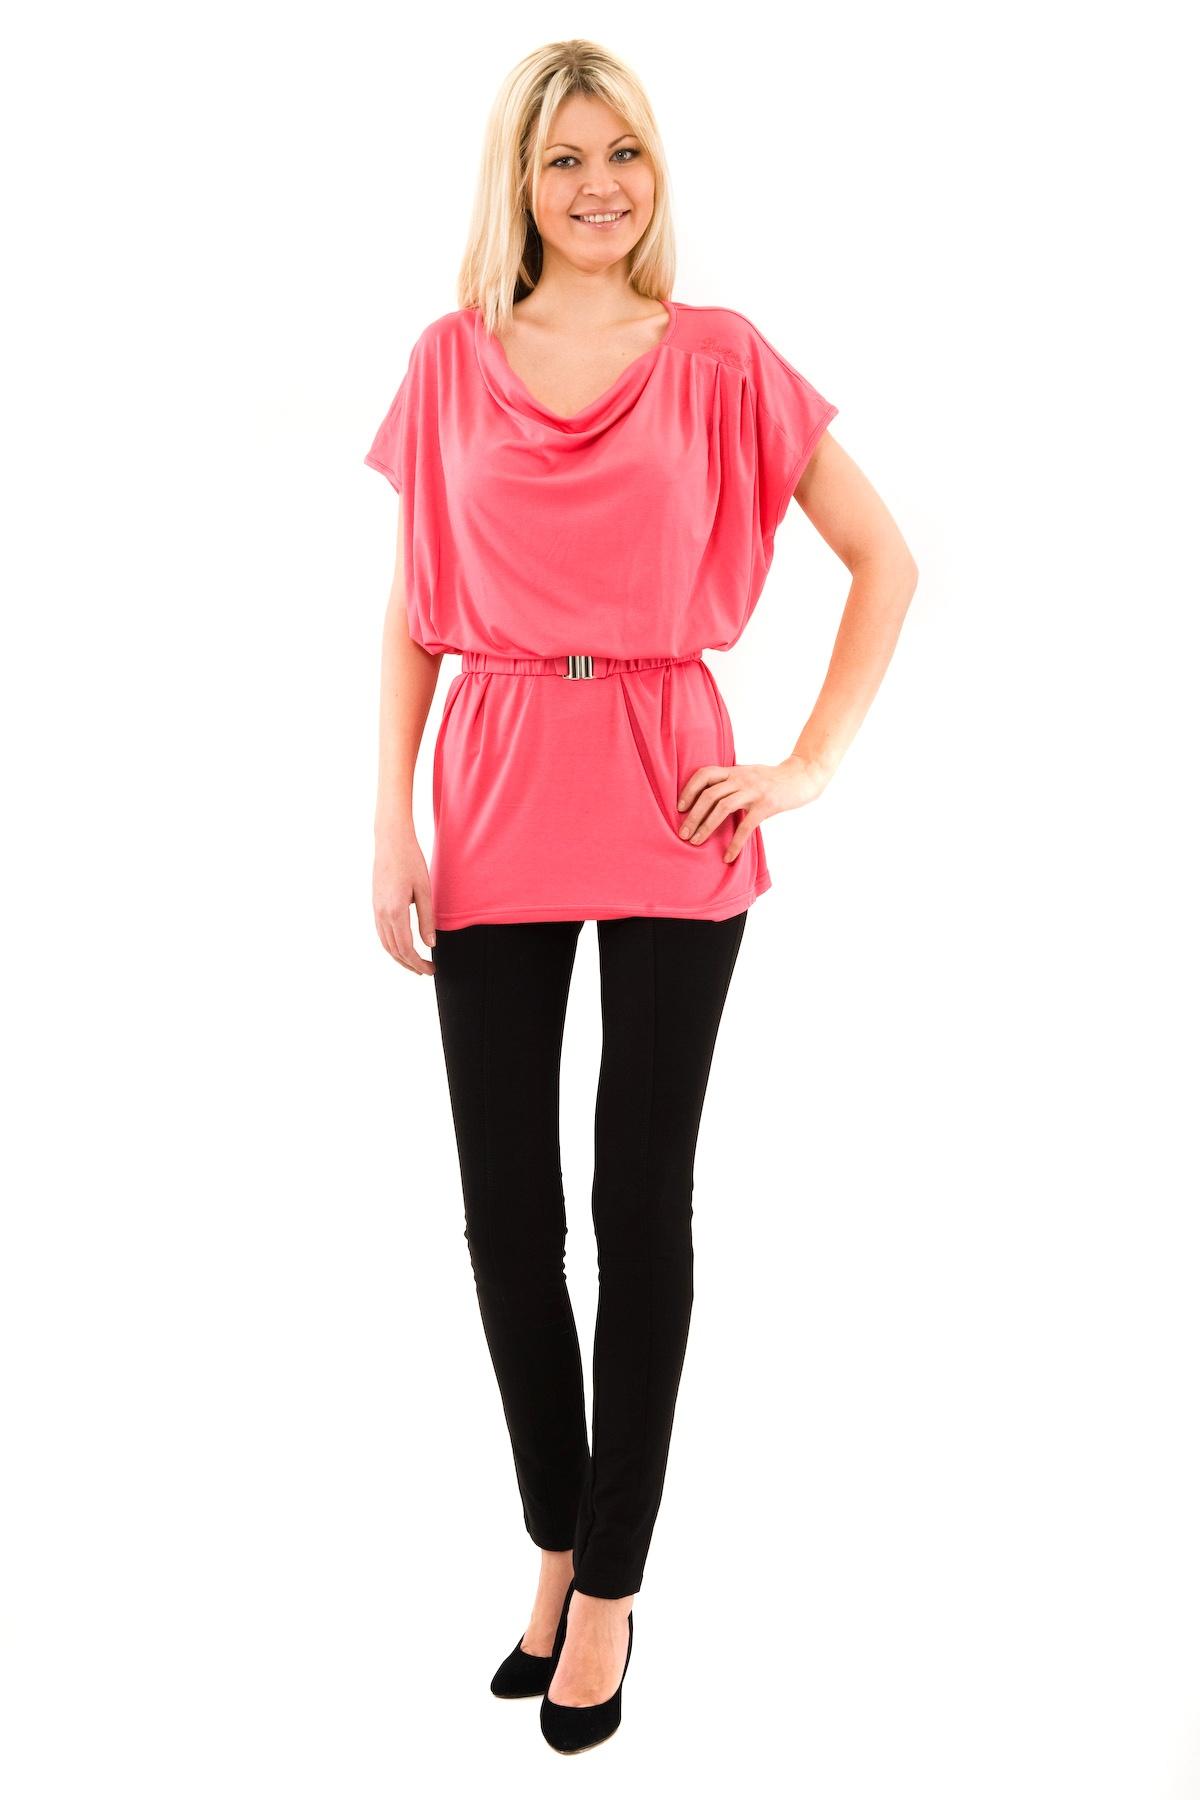 Платье-туникаПлатья,  сарафаны<br>Симпатичное платье-туника, выполненная из высококачественного трикотажного материала. Модель с округлым вырезом горловины. Талия дополнена поясом.<br><br>Цвет: розовый<br>Состав: 92% вискоза, 8% лайкра<br>Размер: 40,42,44,46,48,50,52,54,56,58,60<br>Страна дизайна: Россия<br>Страна производства: Россия